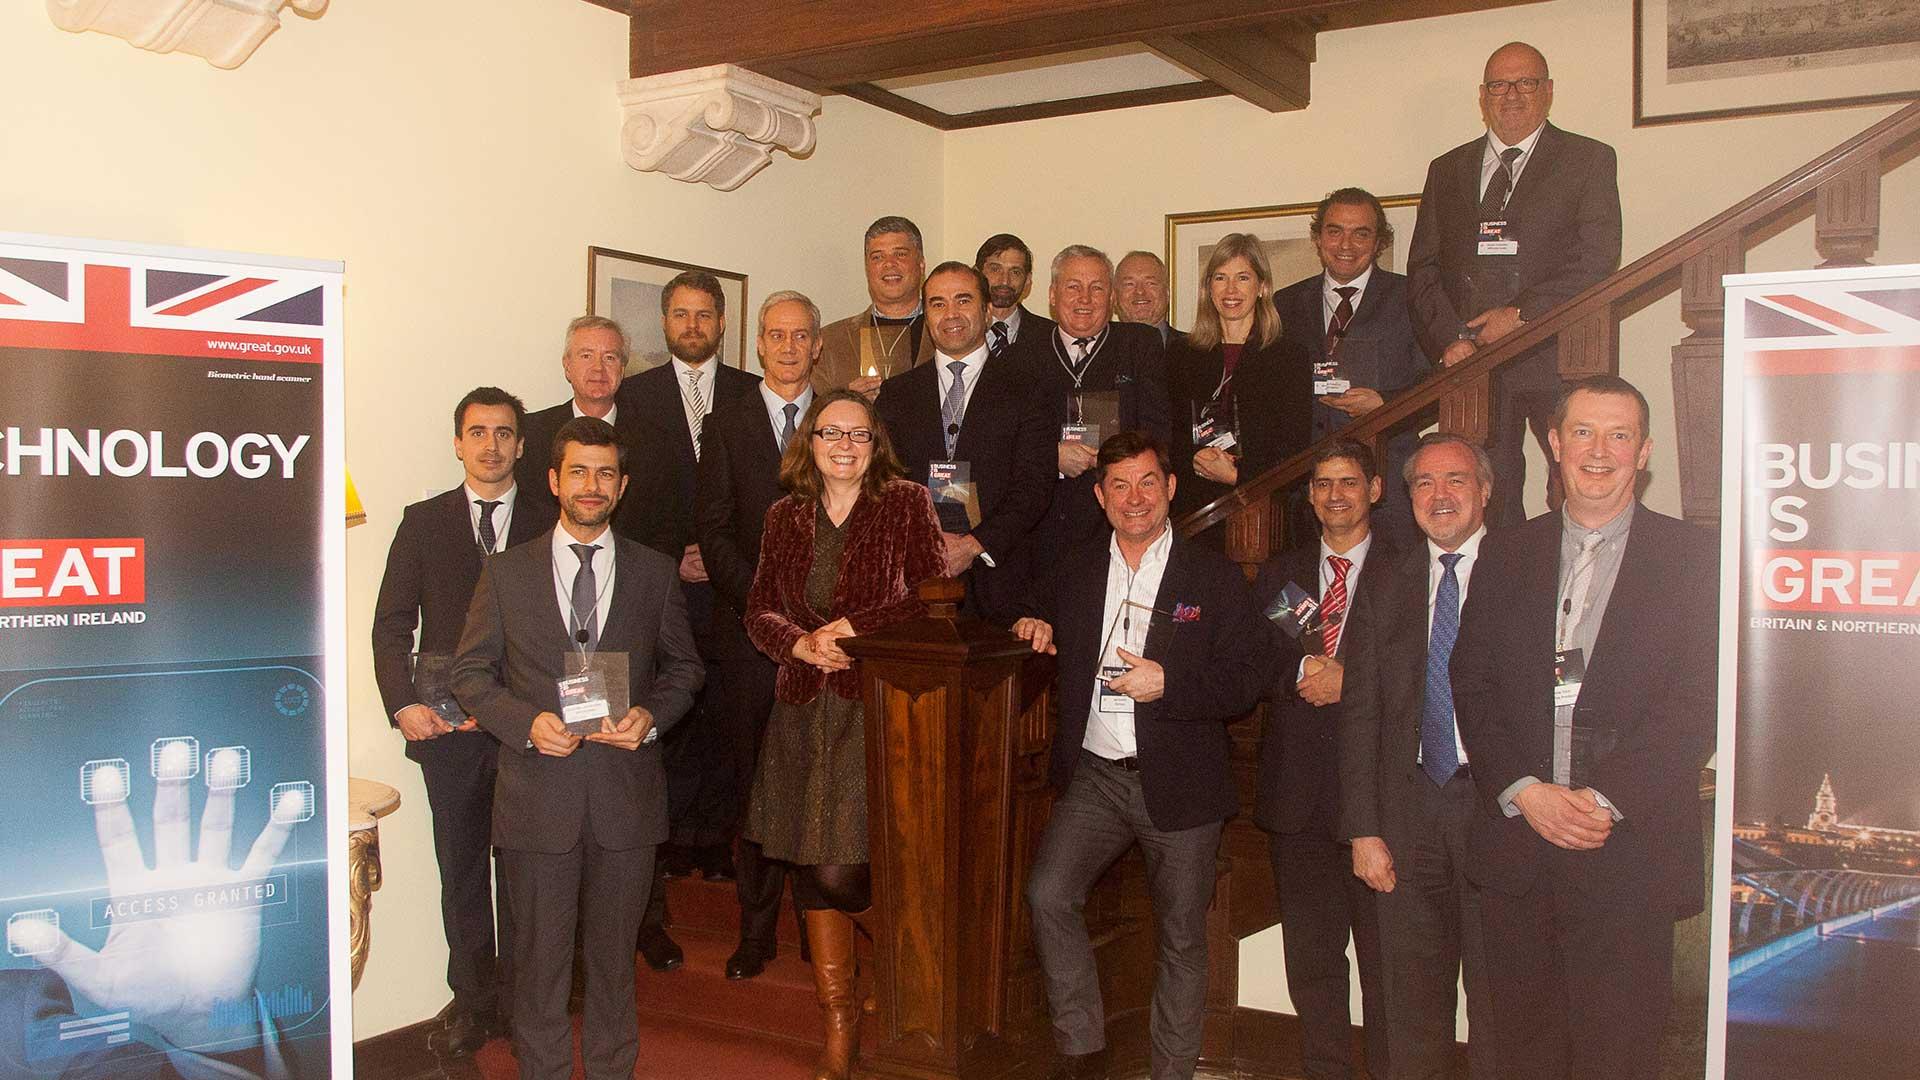 DTI Business Awards